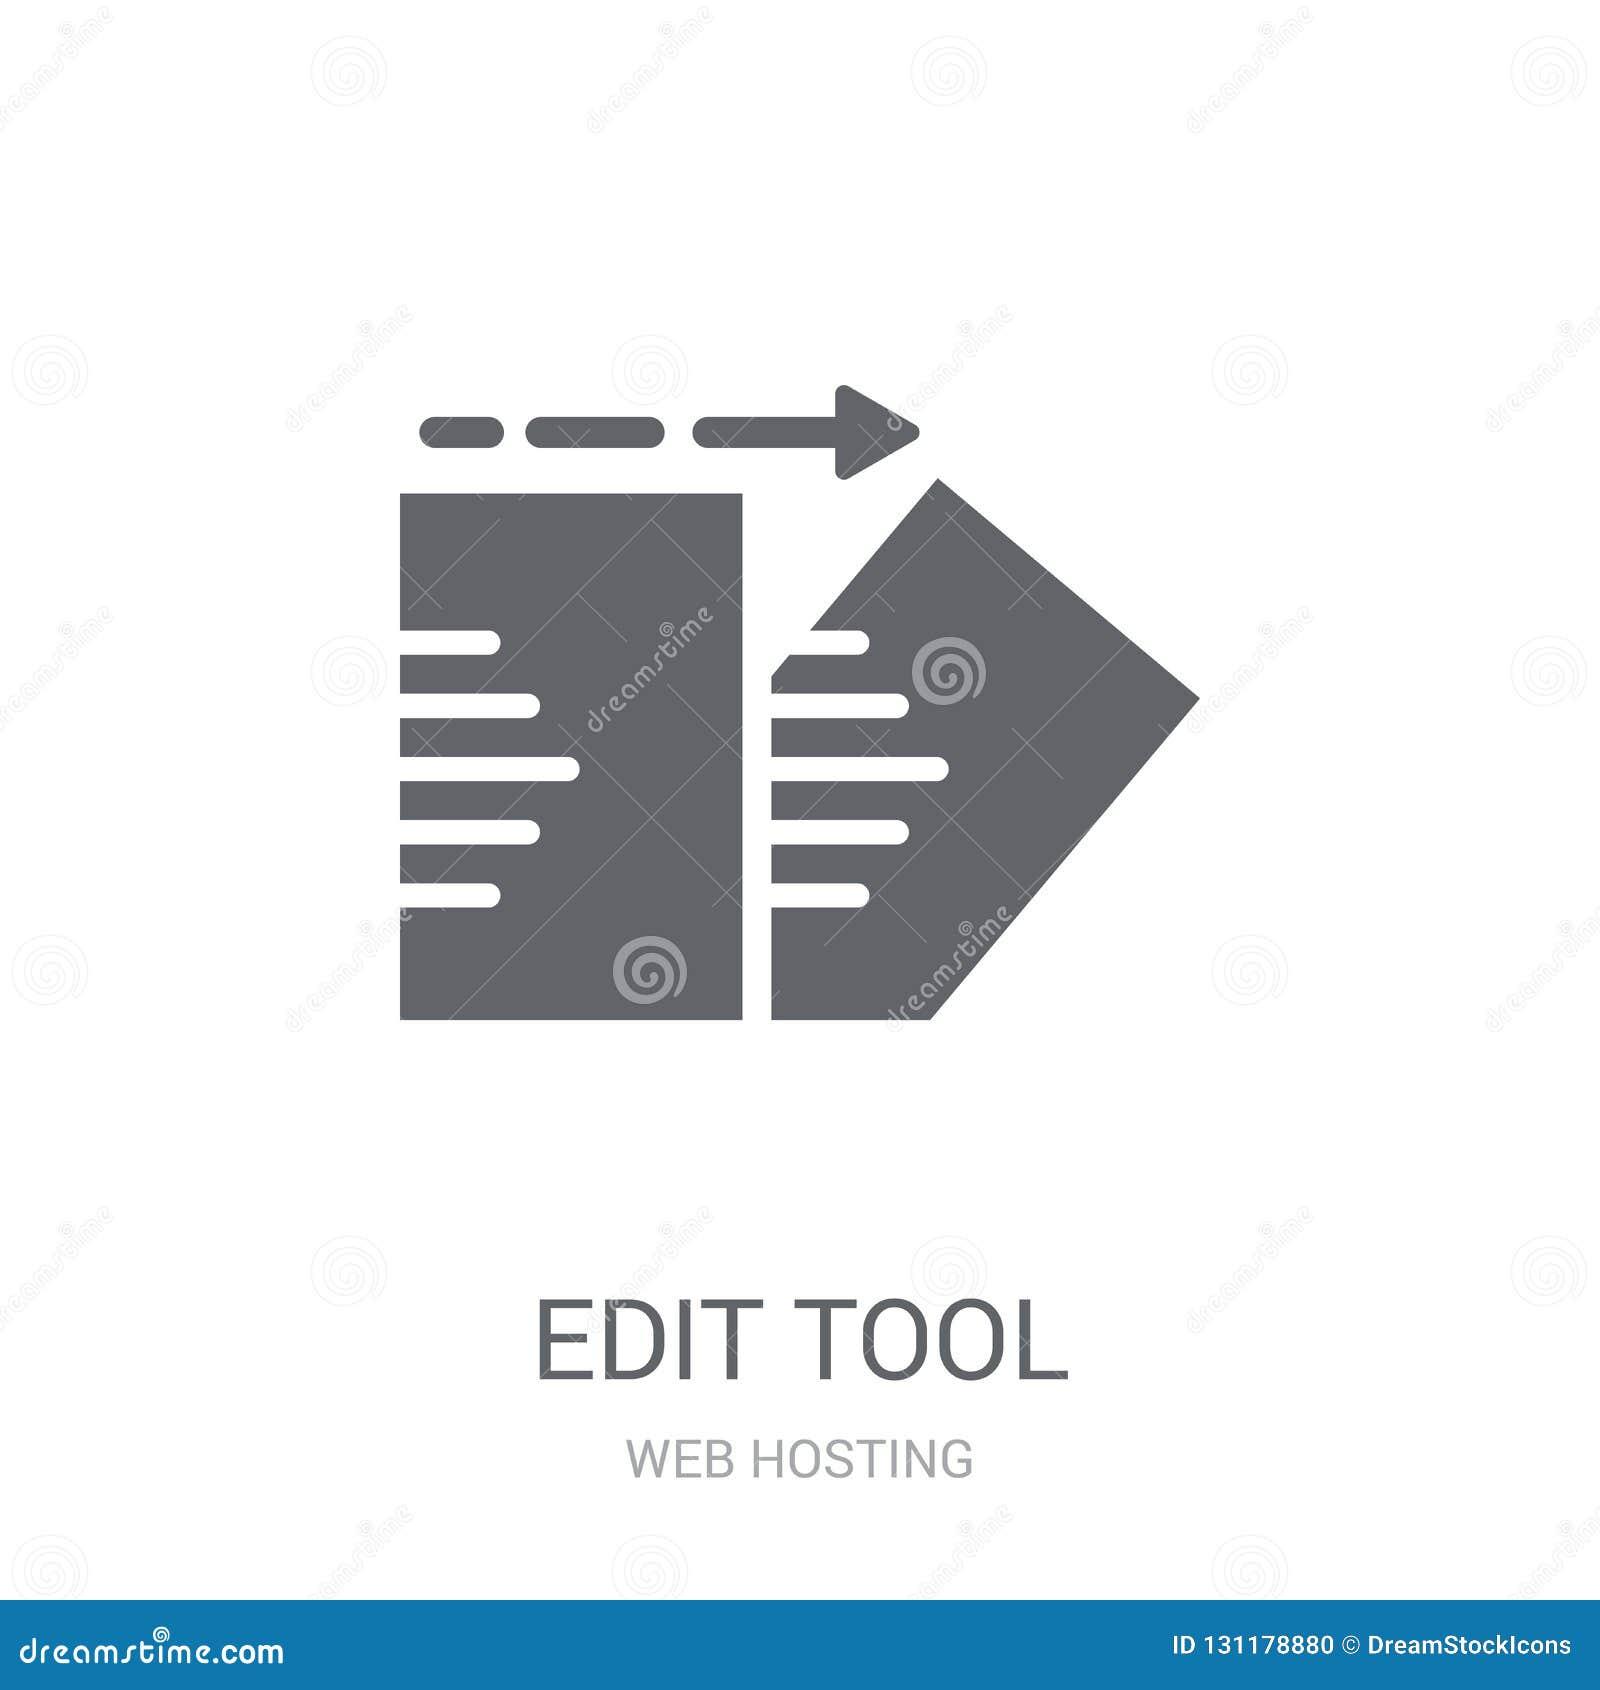 Edite o ícone da ferramenta